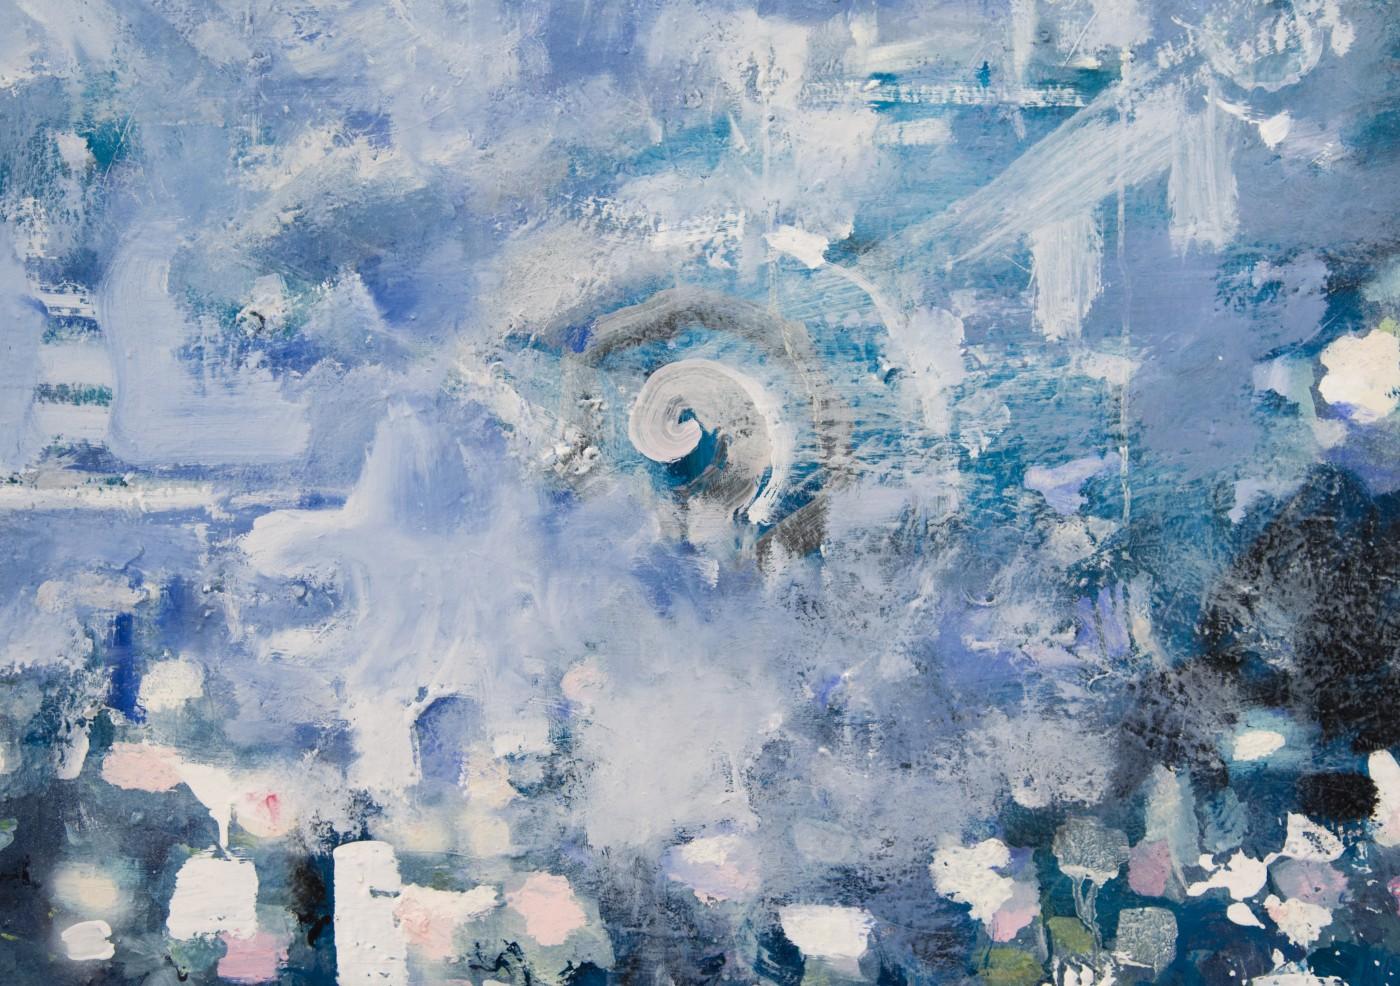 WALLFLOWERS, MALFLOWERS  Daybreak #1  (detail), 2018  Oil on canvas  195,6 × 183 cm / 77 × 72 in   Nathan Zeidman